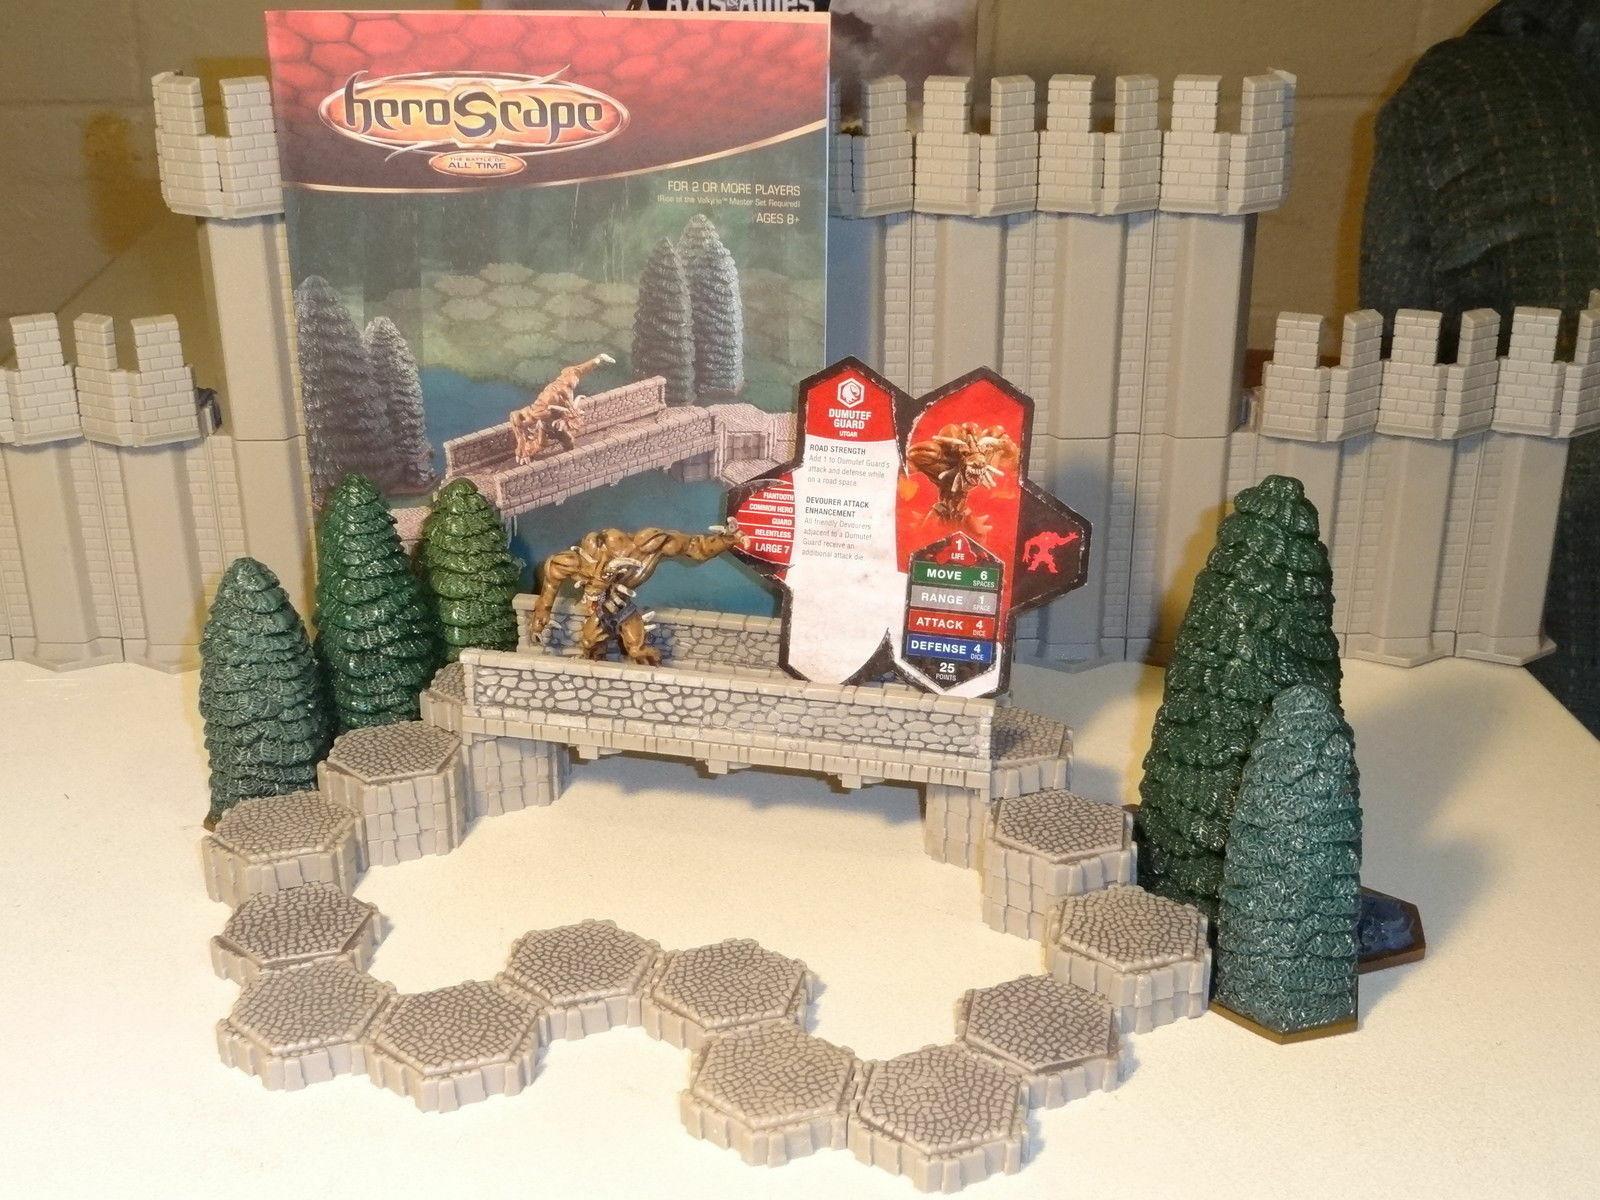 comprar descuentos Heroscape-camino al conjunto de expansión de bosque bosque bosque olvidado - 100% Completo  más vendido